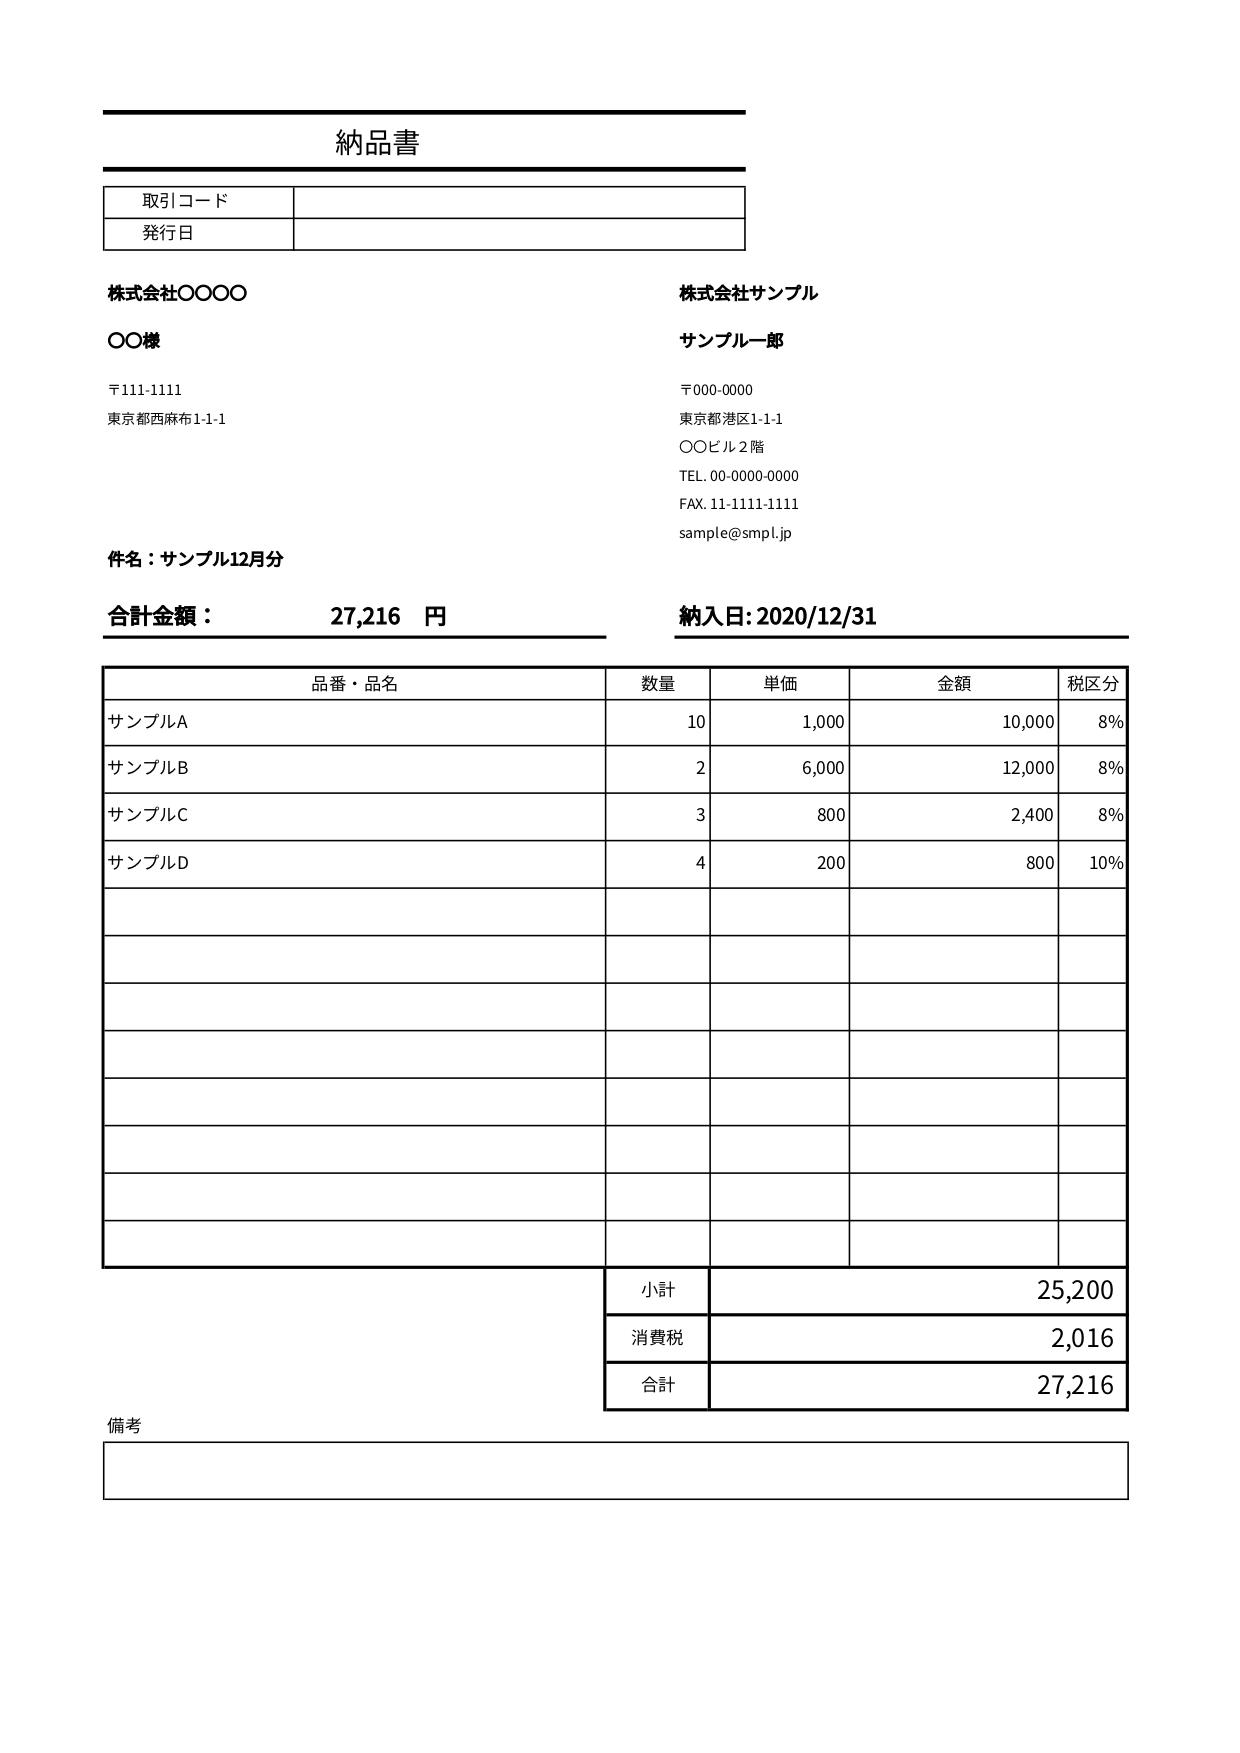 請求書、見積書、発注書、納品書、検収書のエクセル雛形テンプレート無料ダウンロード 納品書のエクセルテンプレート(無料)納品書12 ナカオさんモデル